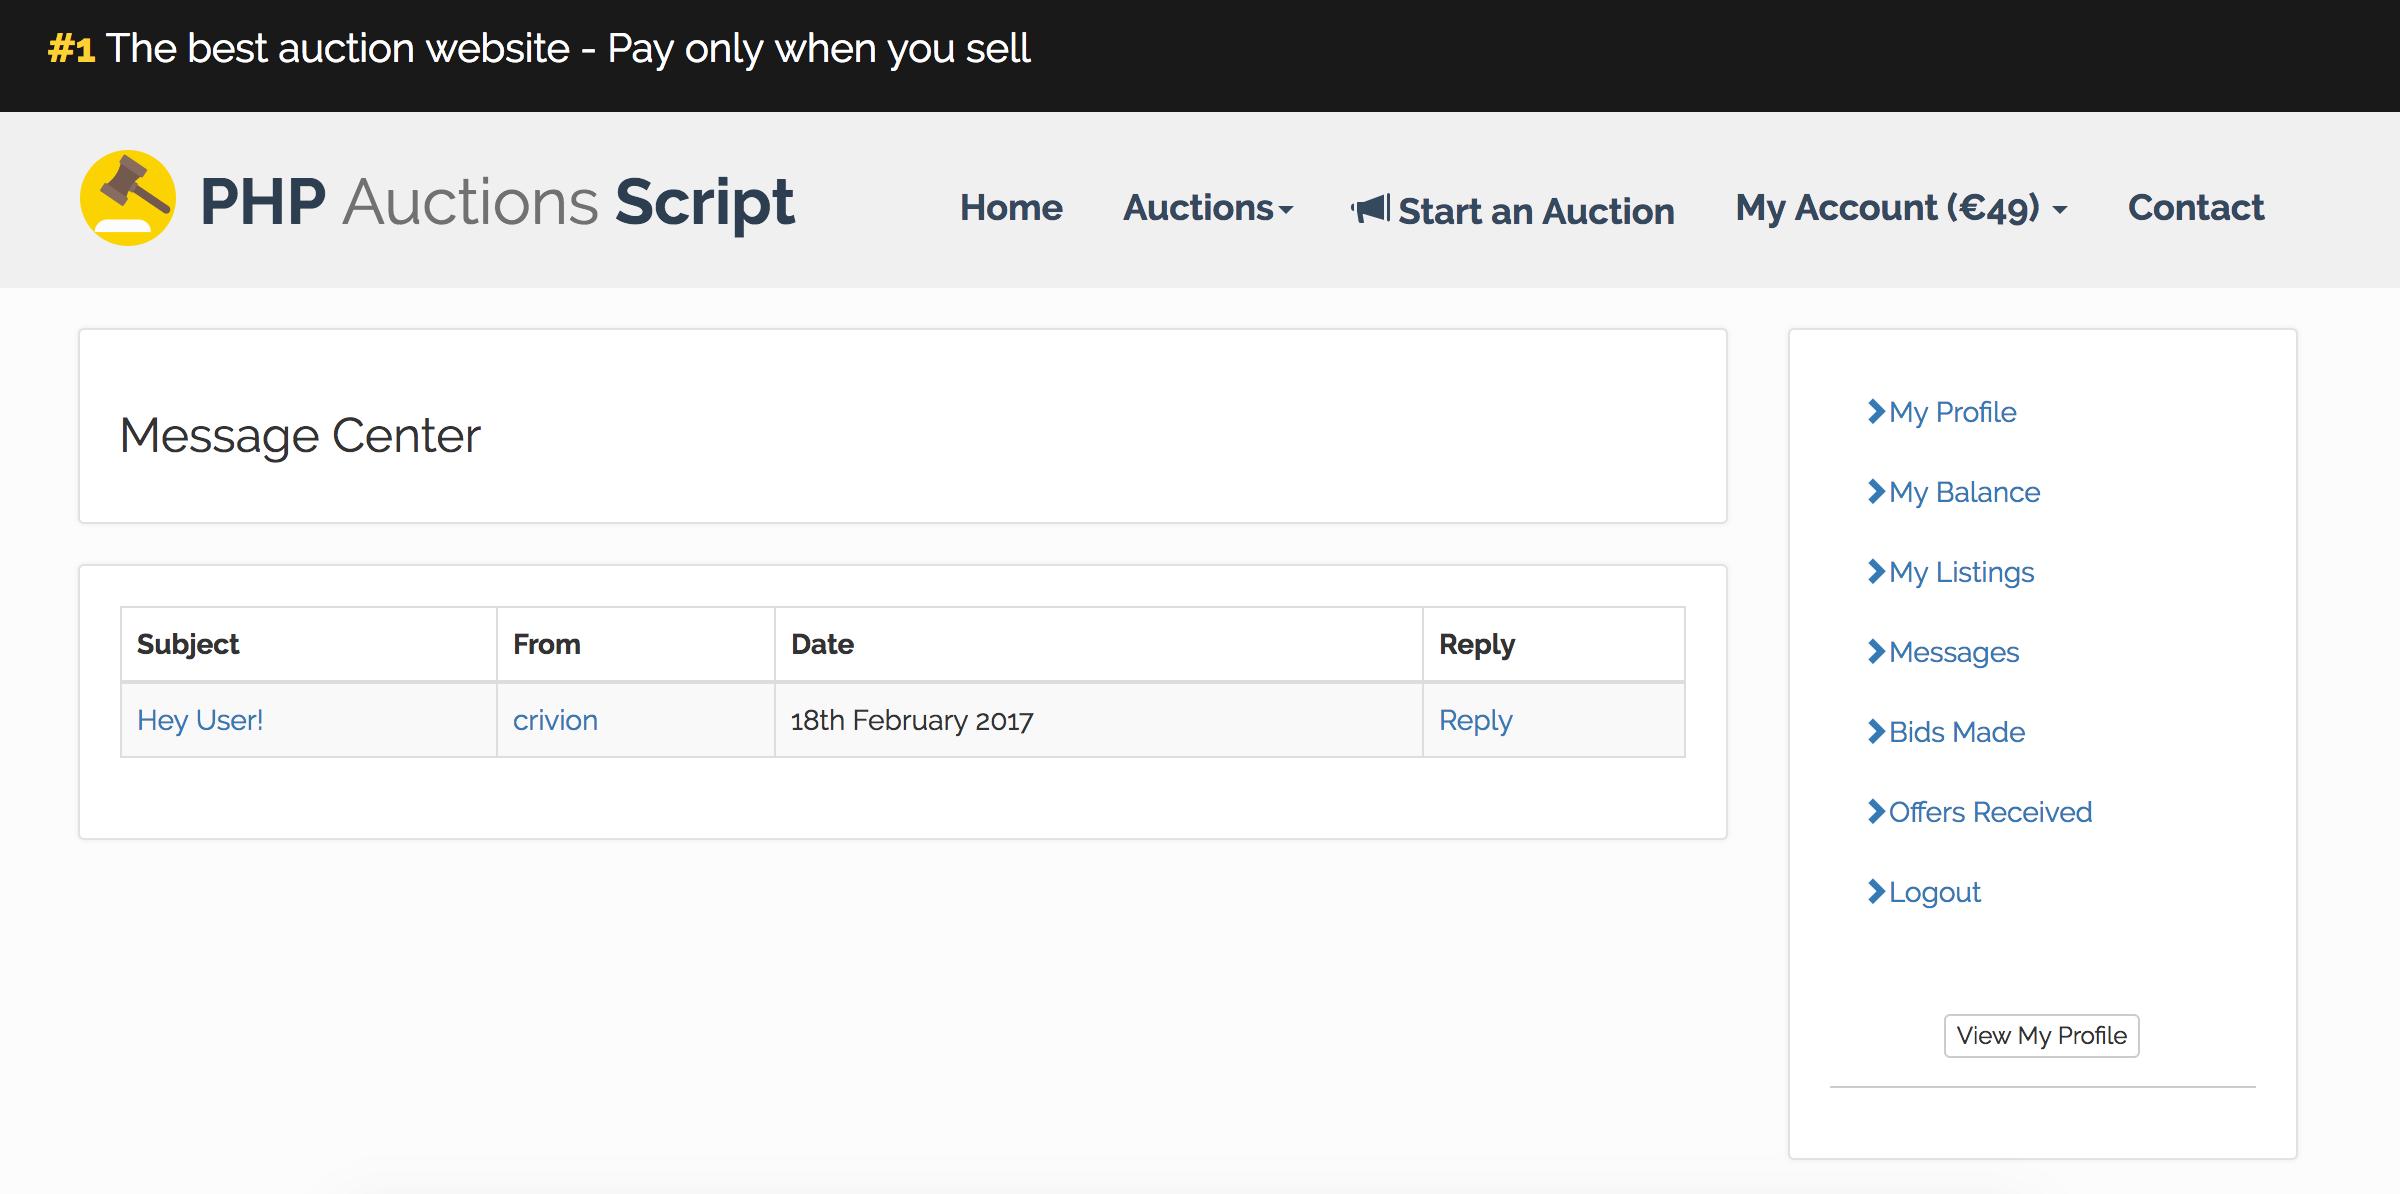 Few more super features of Auction Script